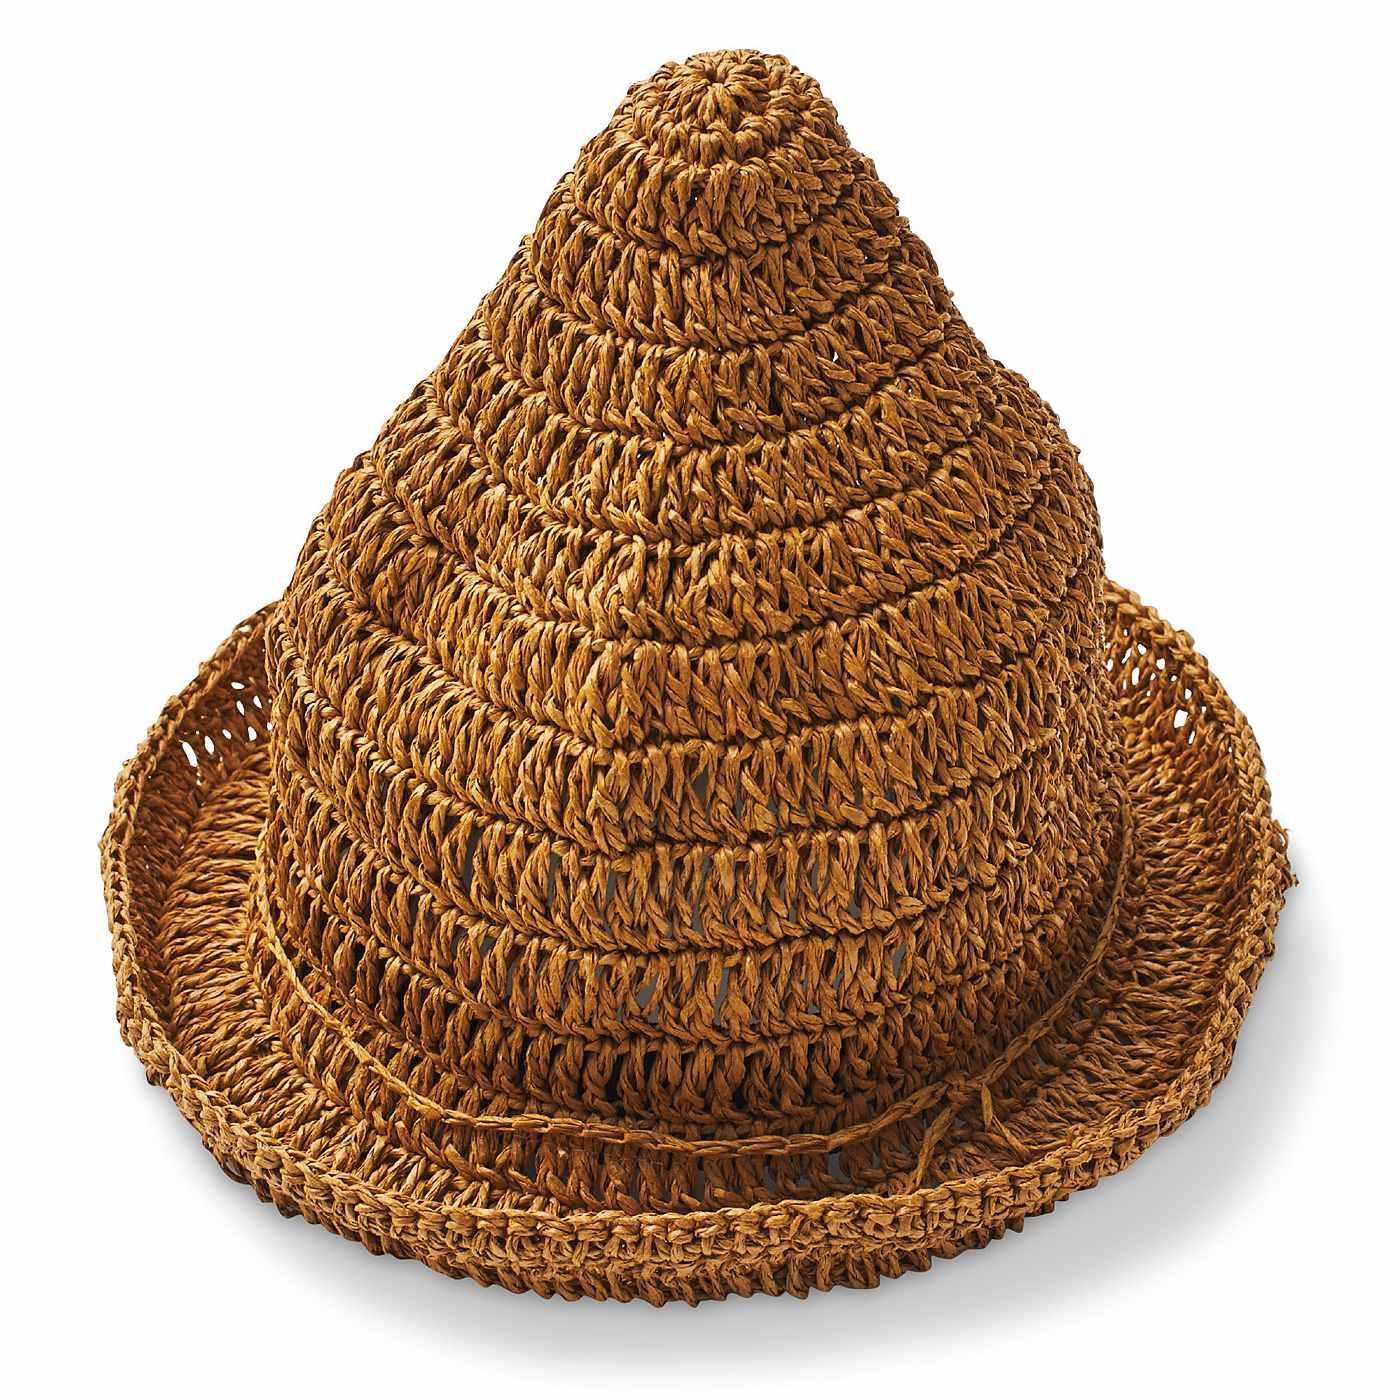 シンプルだけどちょっと個性的なとんがり帽子。